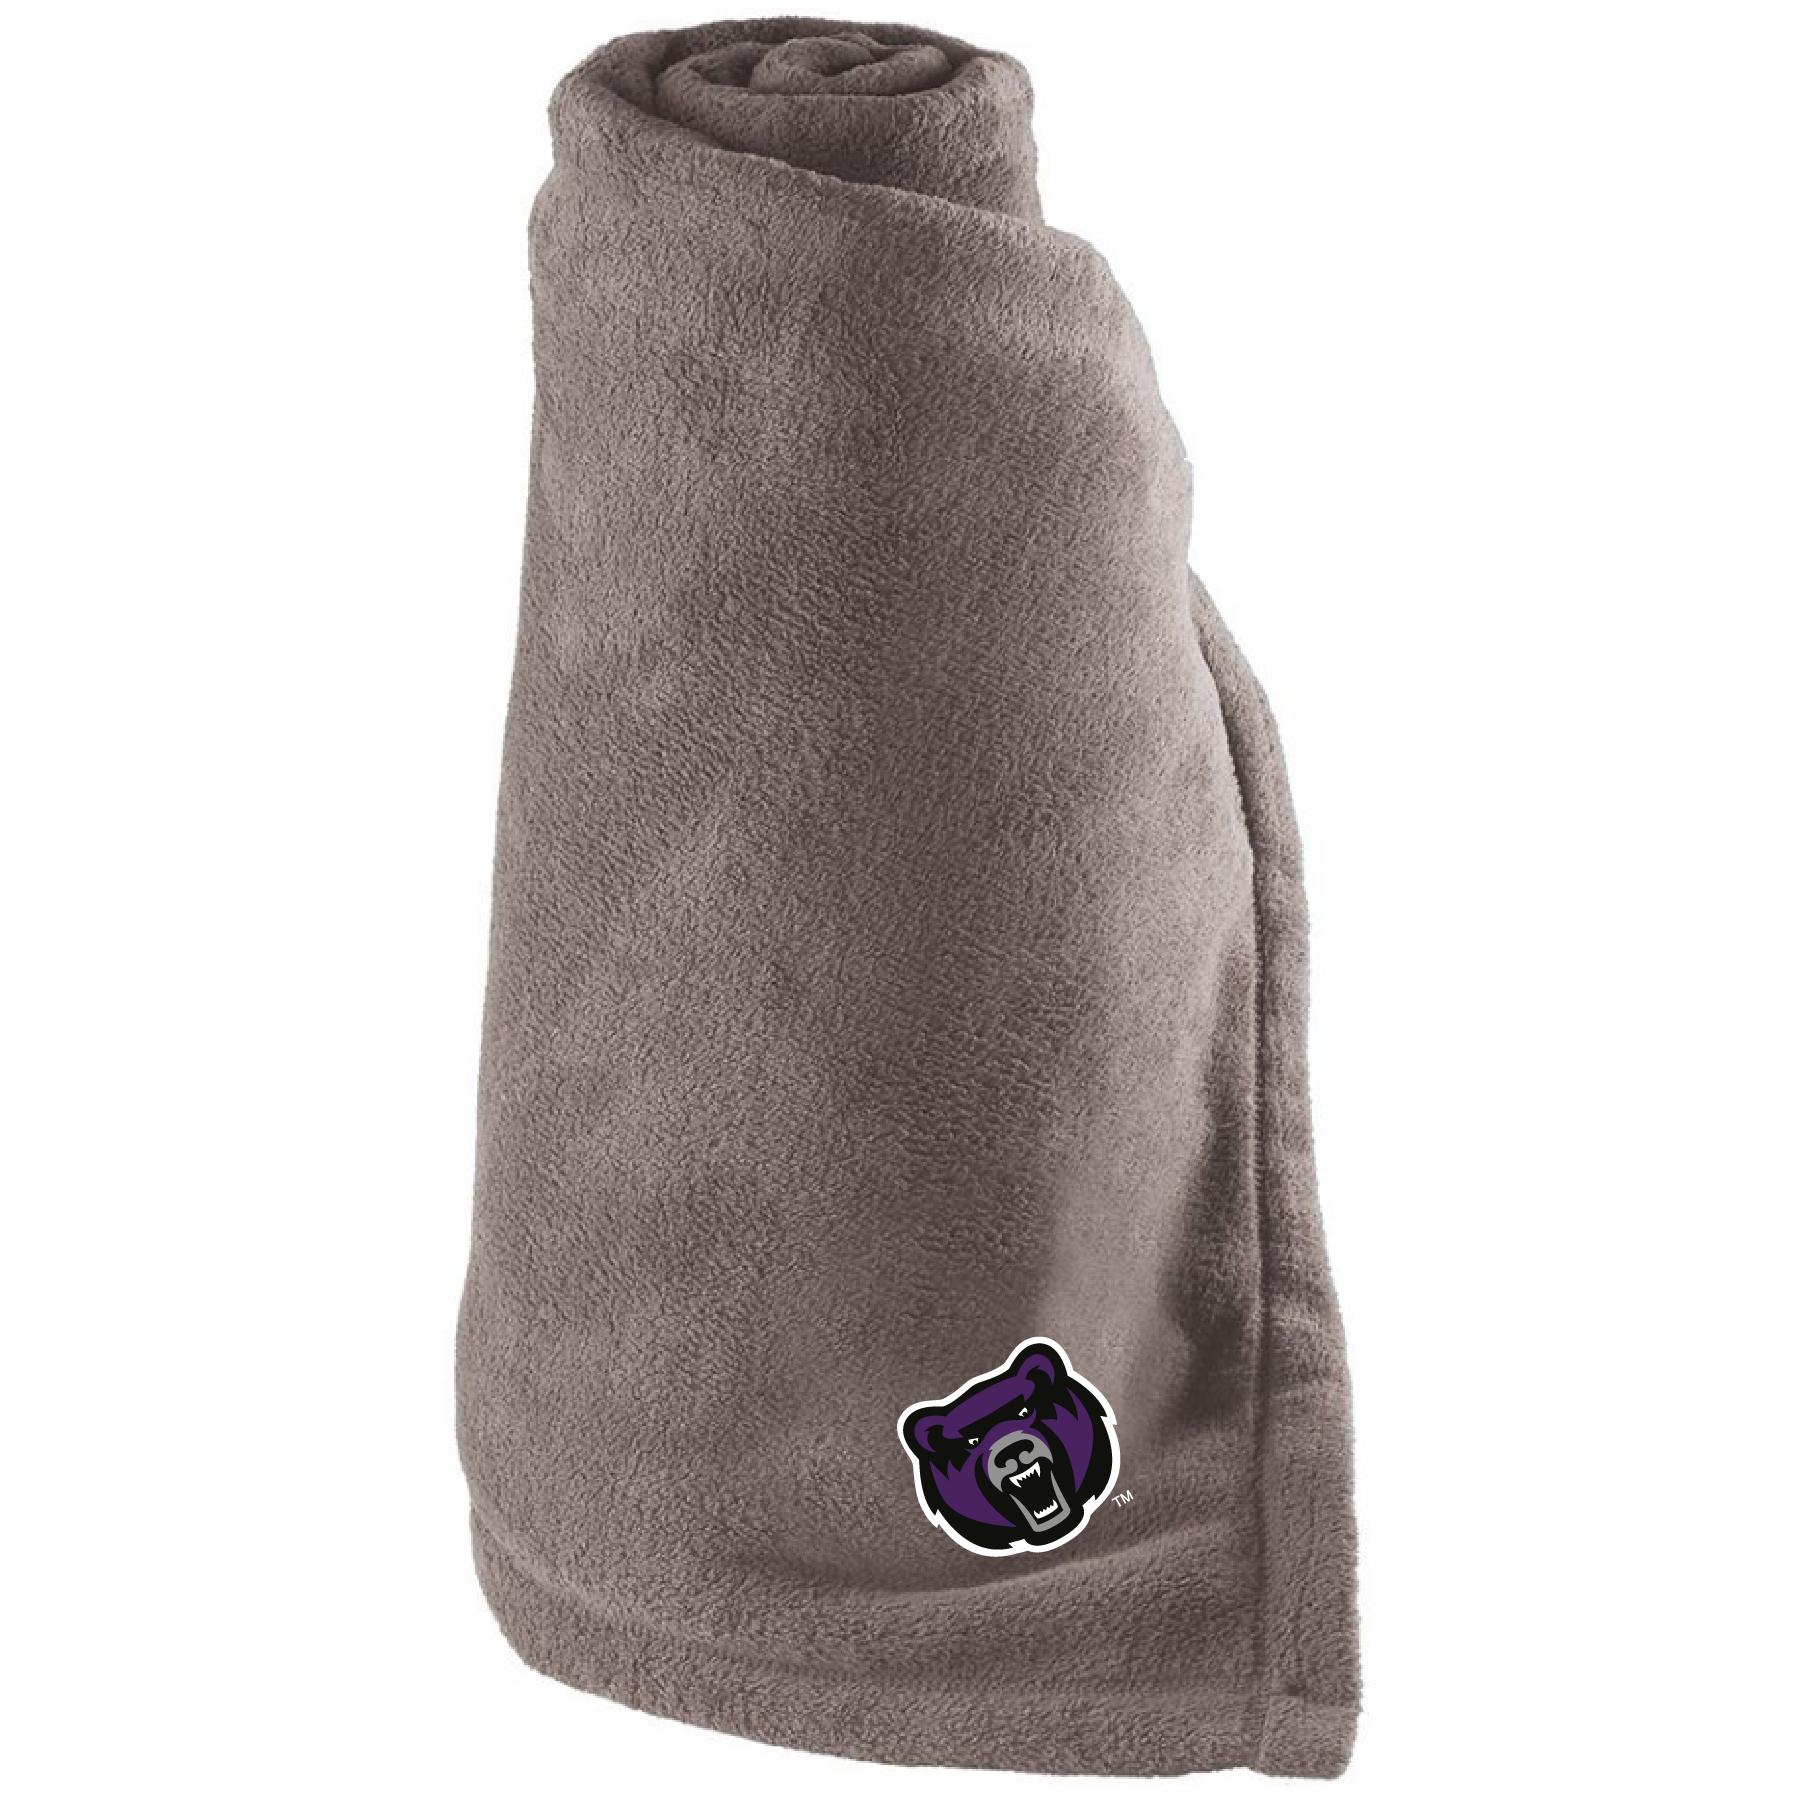 UCA Bearhead Blanket